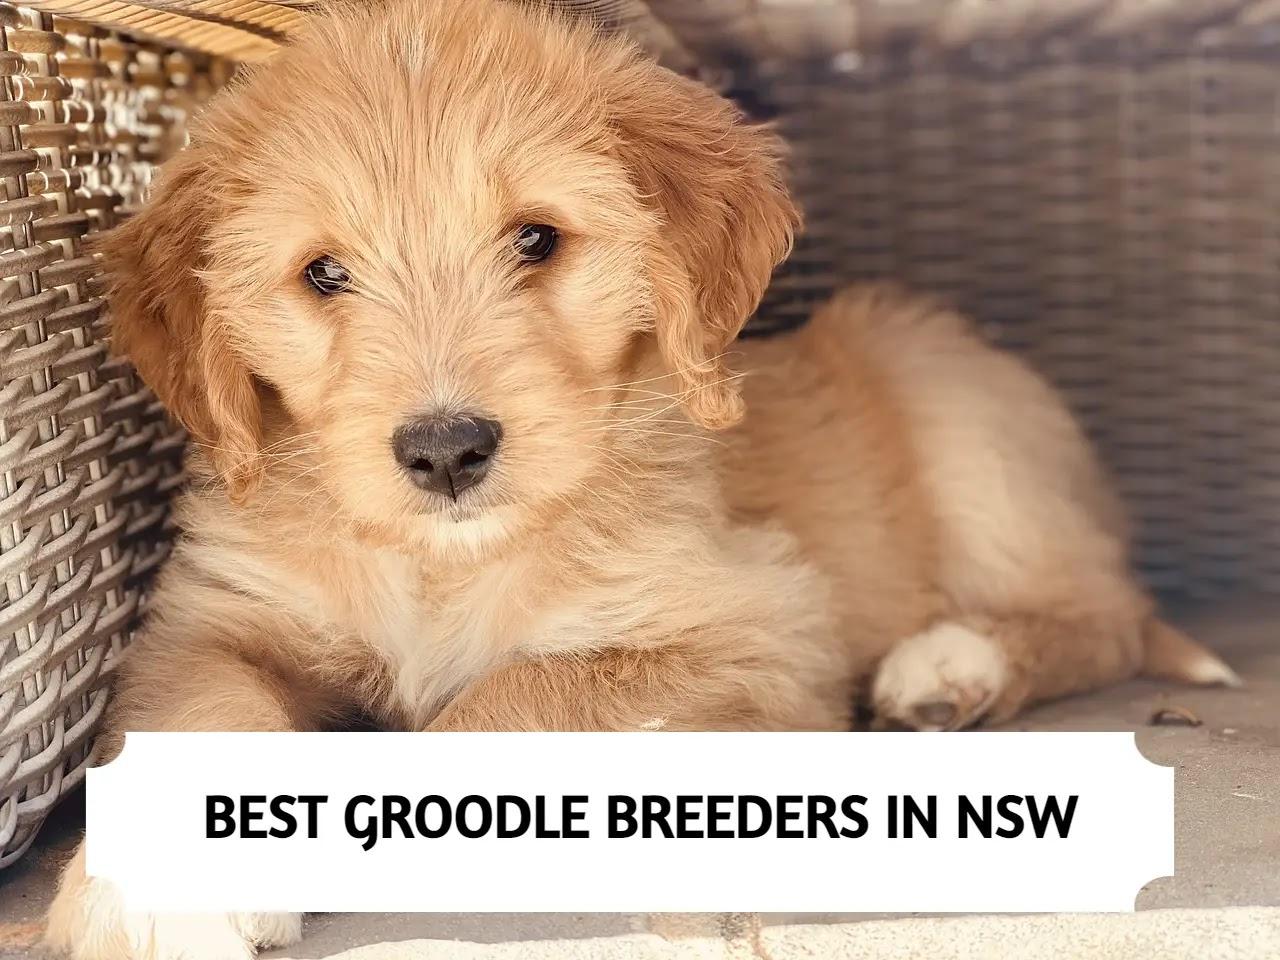 Best Groodle Breeders in NSW